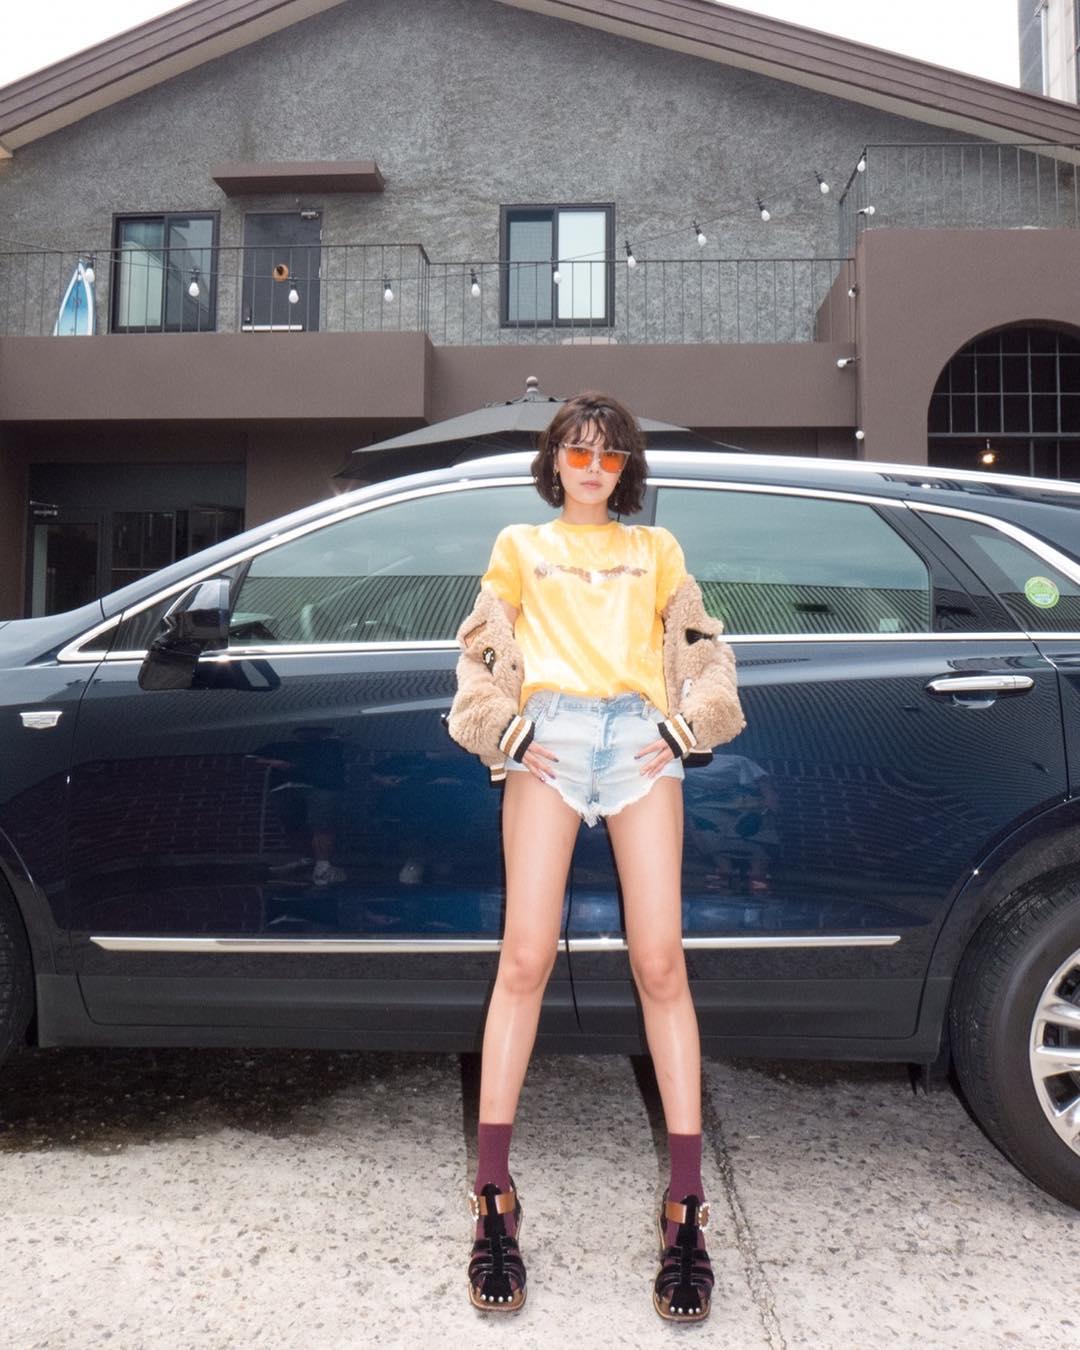 """Chị đại SNSD sở hữu đôi chân dài siêu thực đến Lisa cũng phải lép vế, cứ diện đồ ngắn là khiến dân tình """"lác mắt"""" - Ảnh 5."""